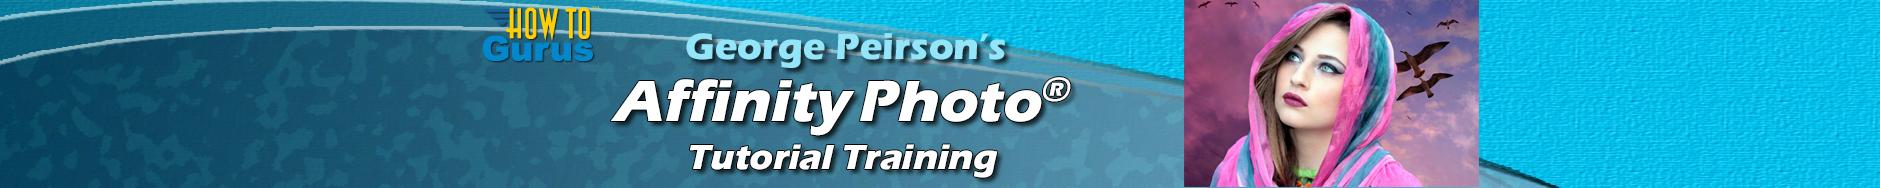 Affinity Photo Training